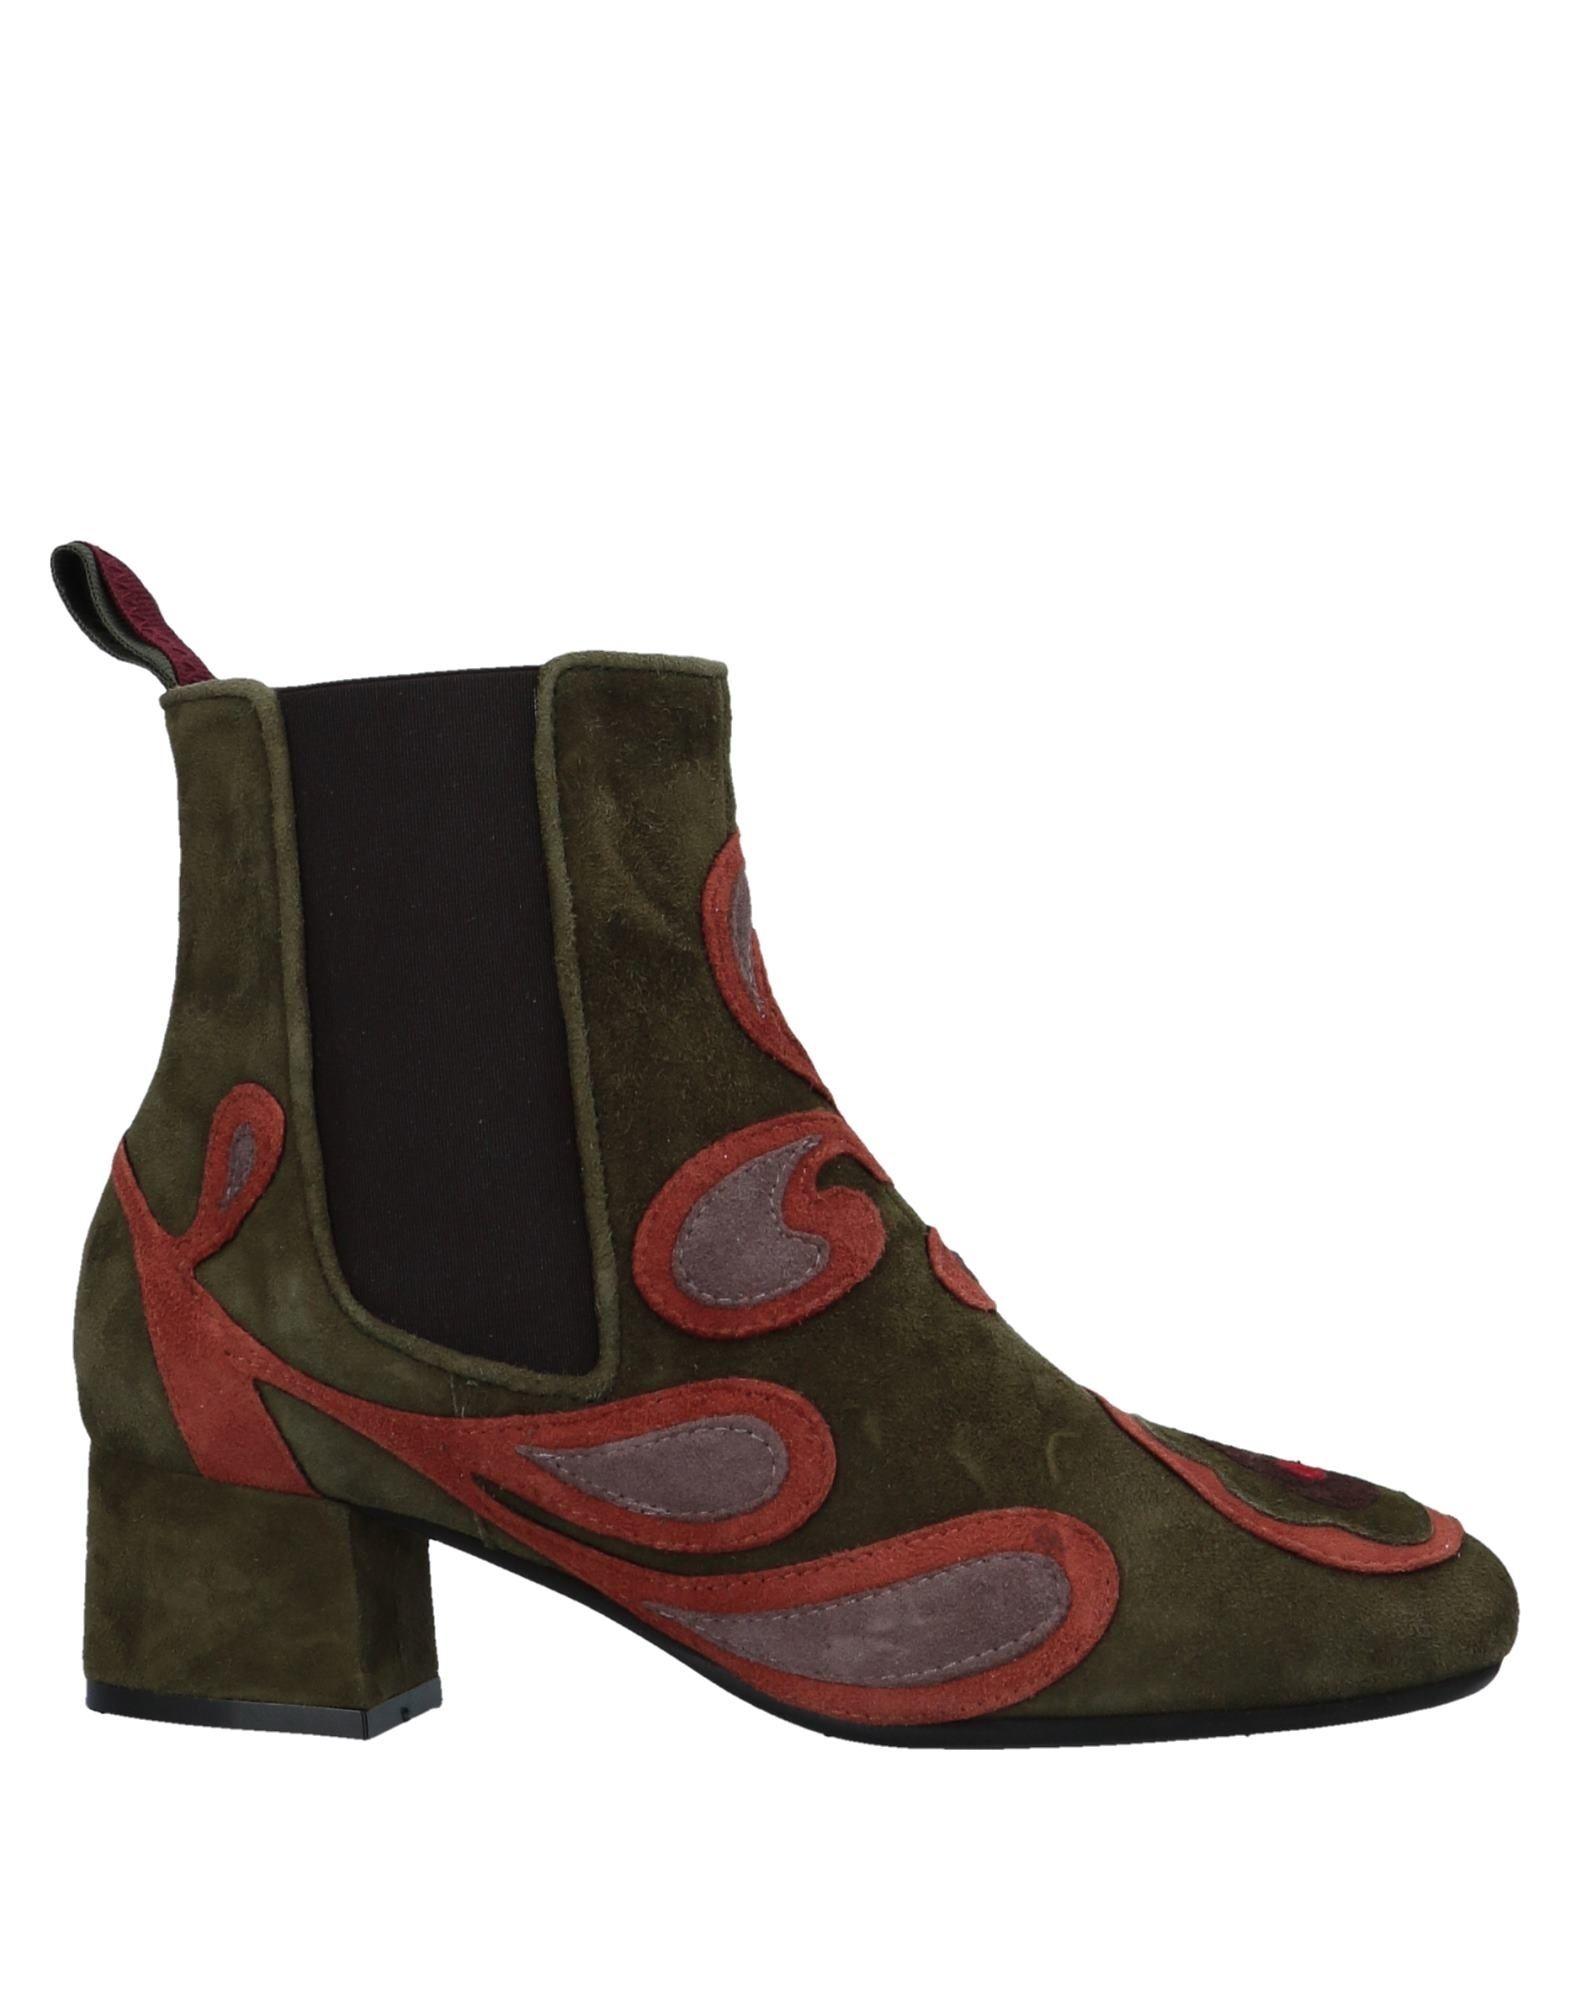 Sneakers Impronte Uomo - 11463723QI Scarpe economiche e buone